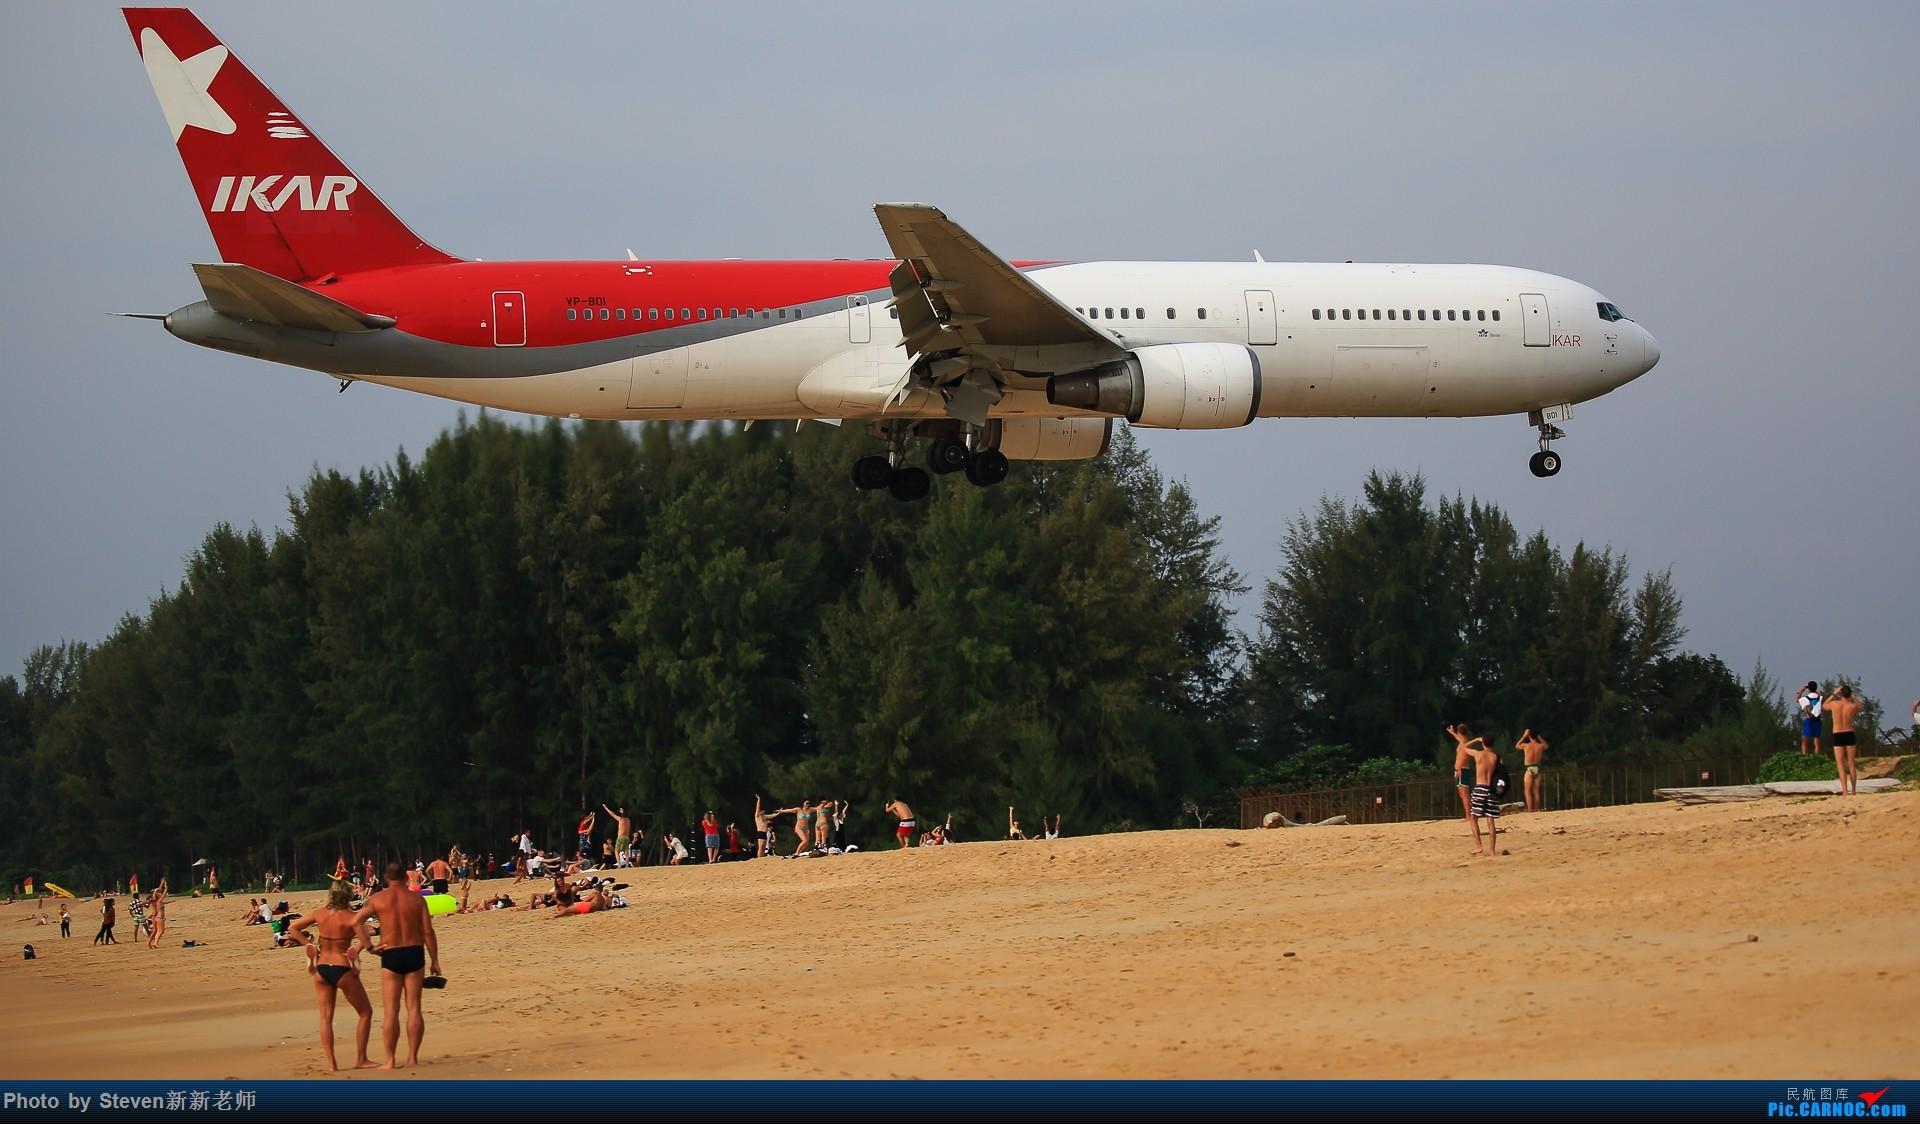 """Re:[原创]亚洲""""圣马丁岛""""—普吉国际机场拍机 BOEING 767-300ER VP-BDI 泰国普吉机场"""